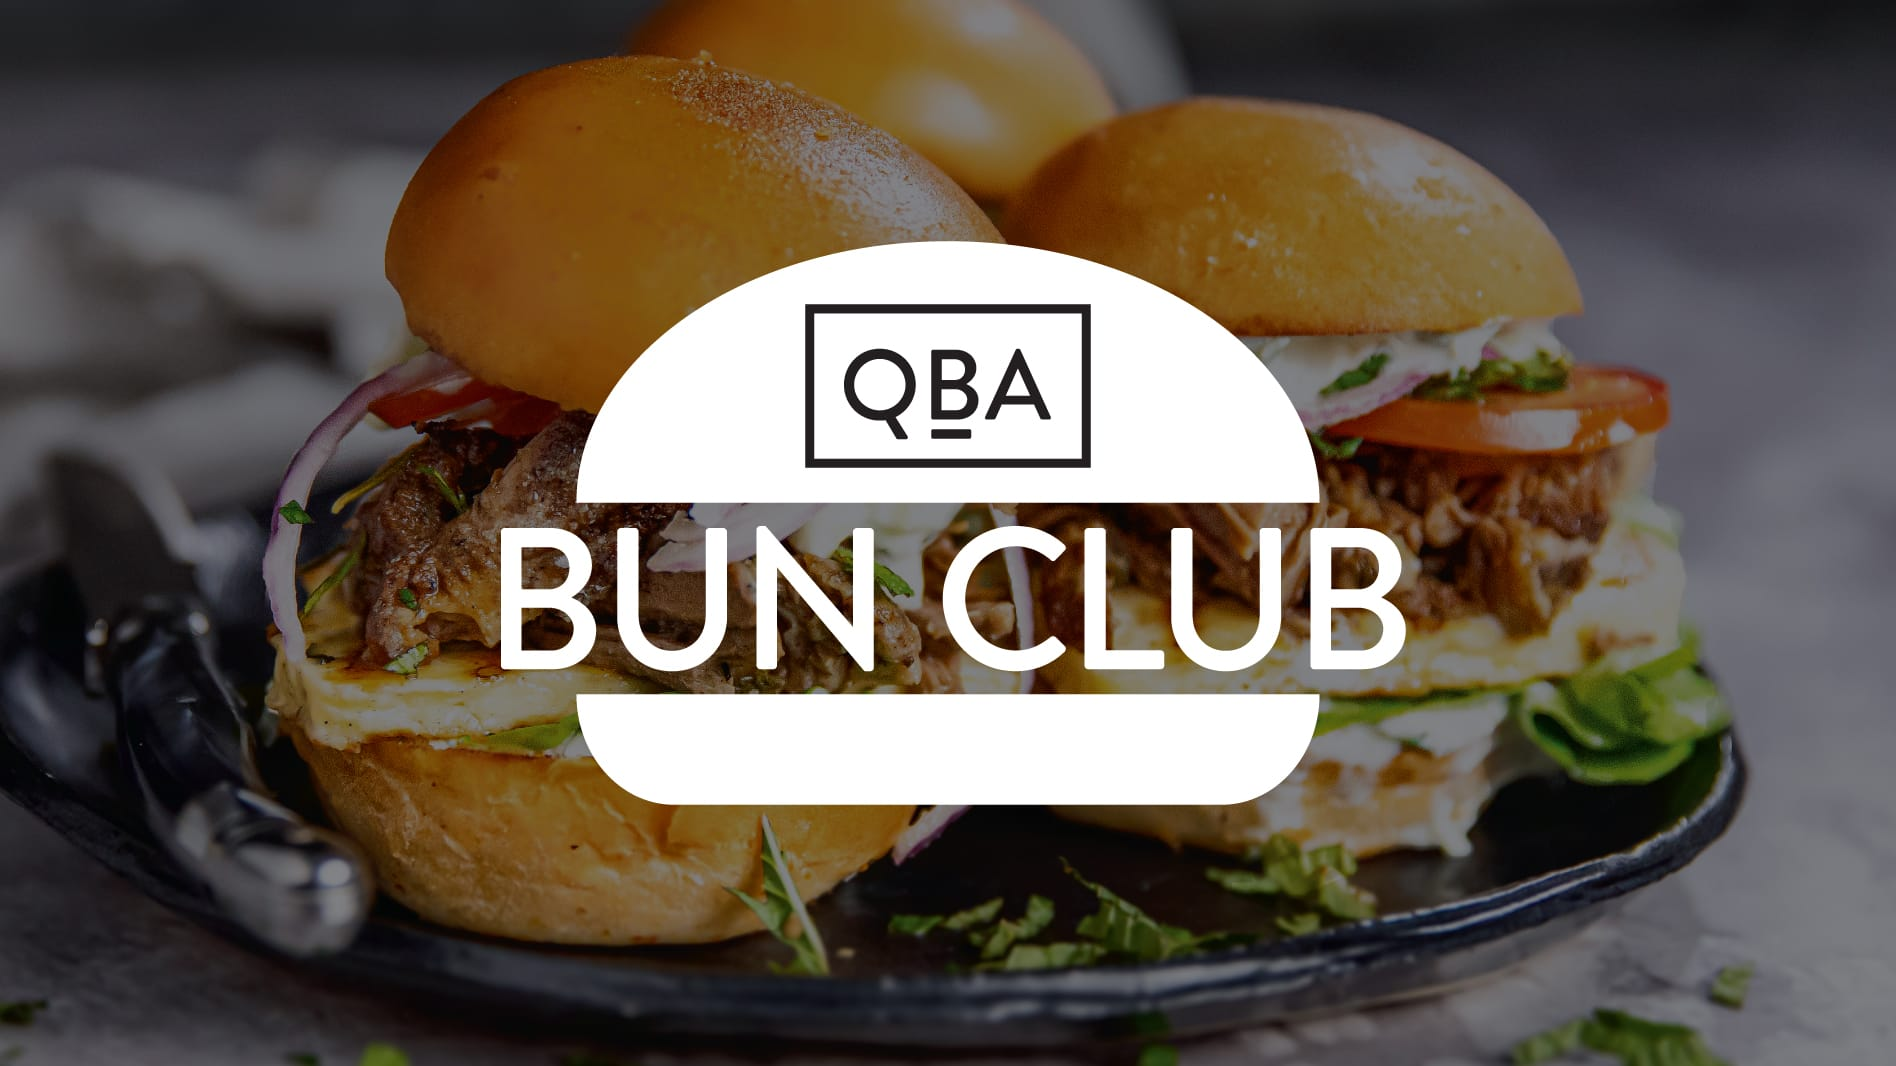 QBA Bun Club